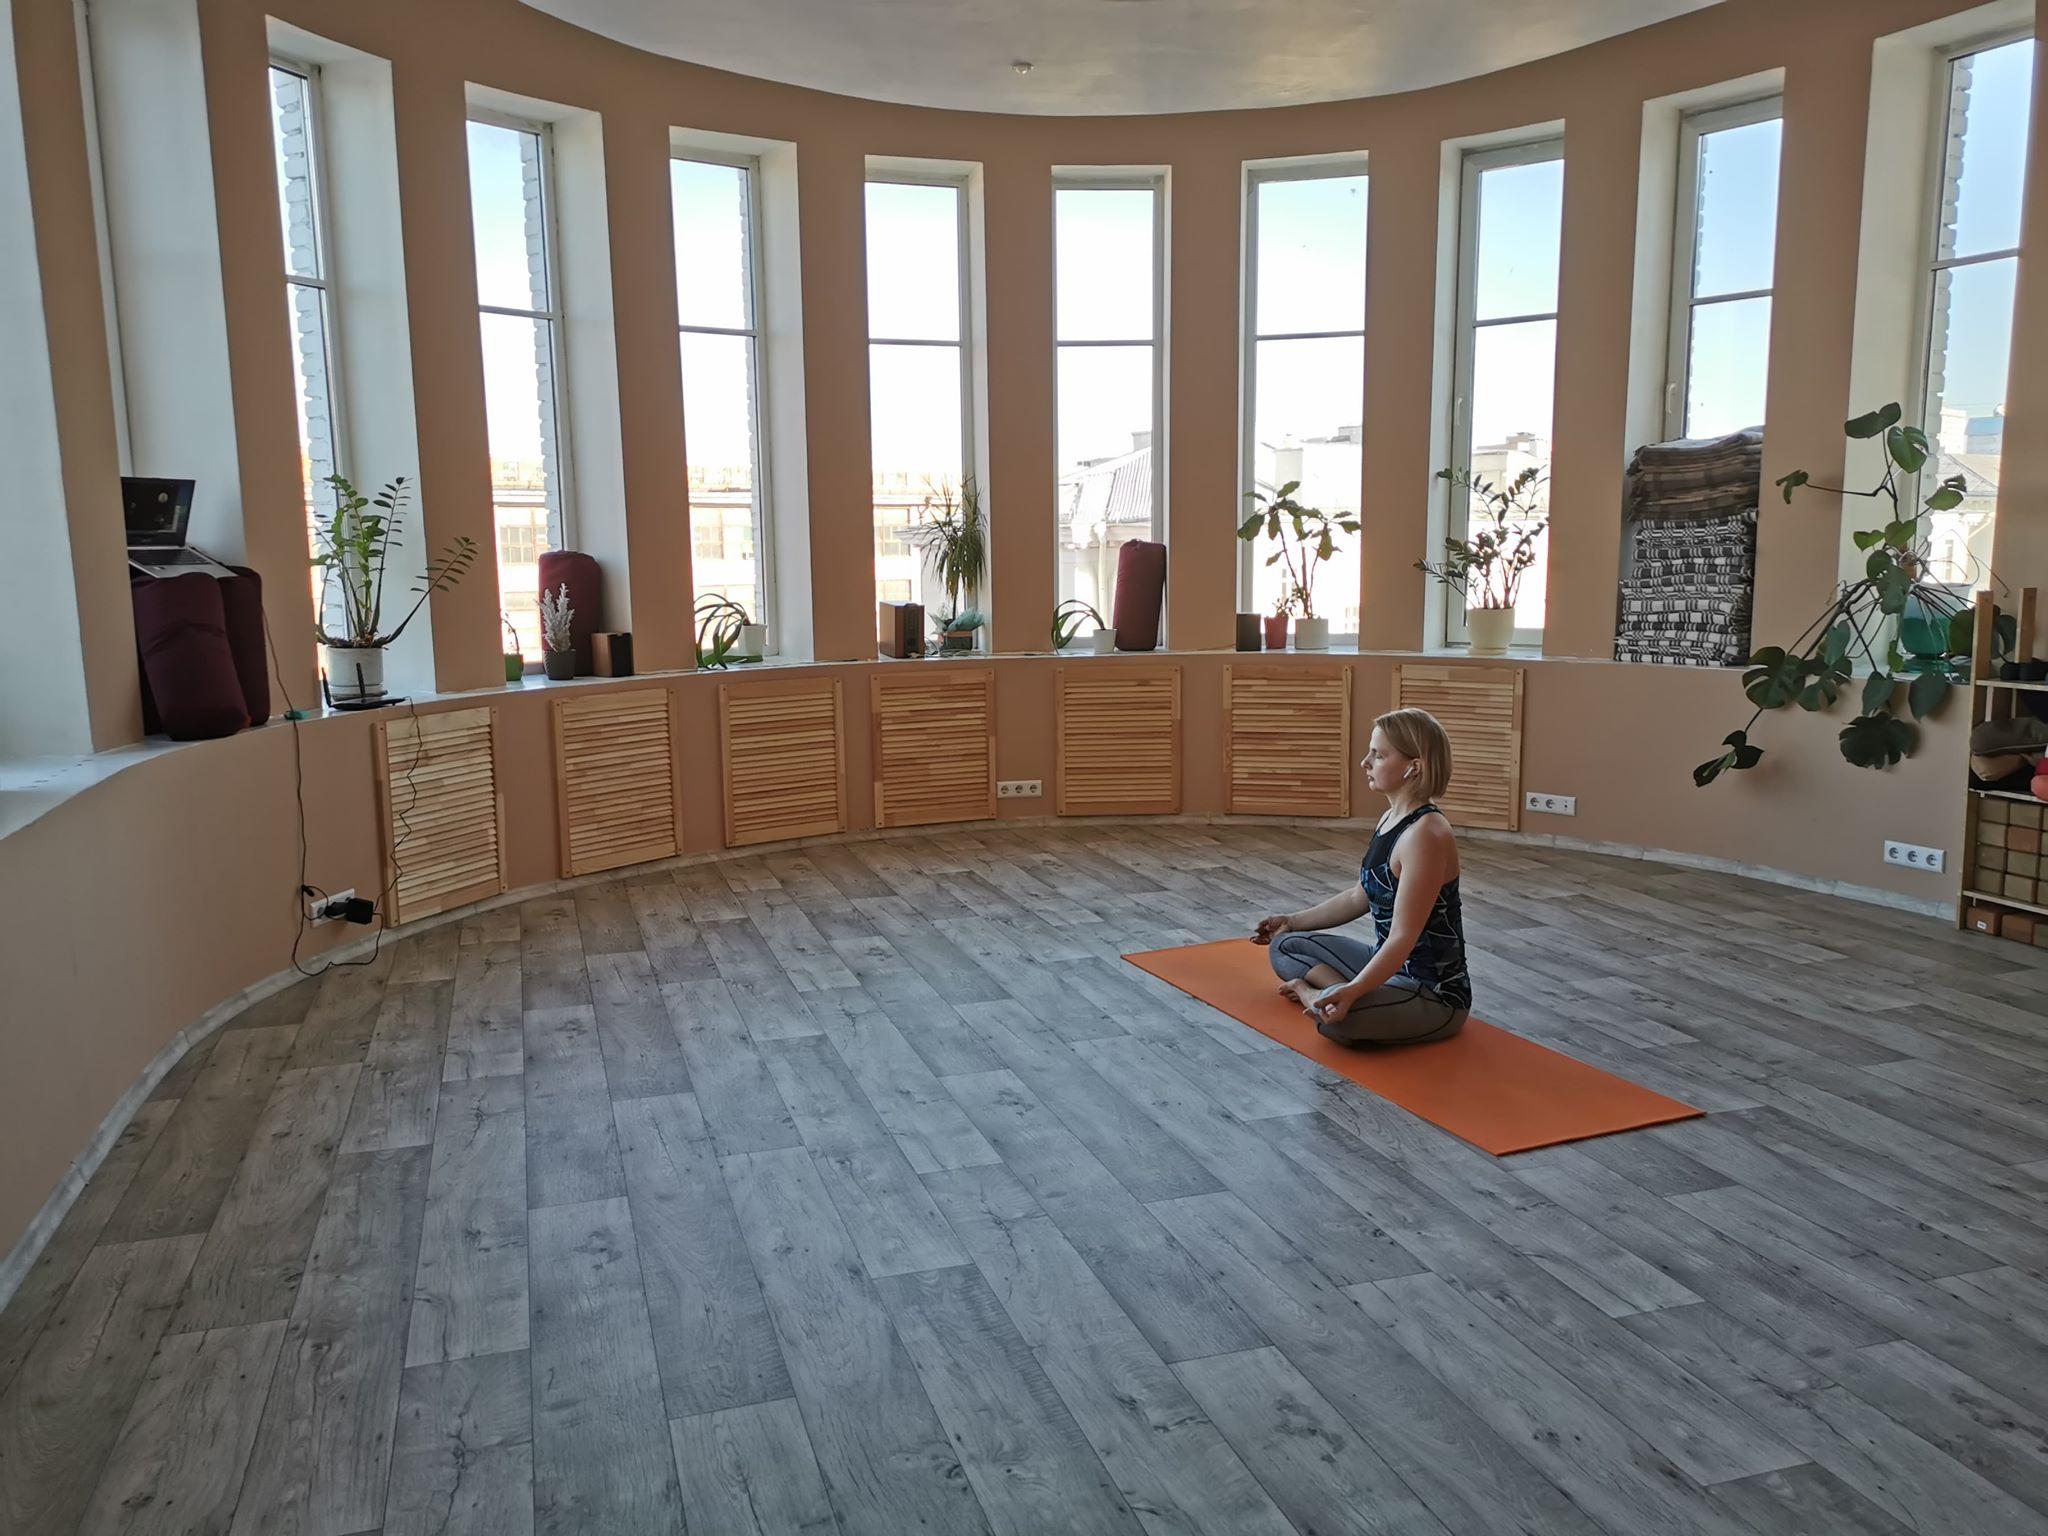 Онлайн-занятие по йоге. Фото из архива Арсения Белого